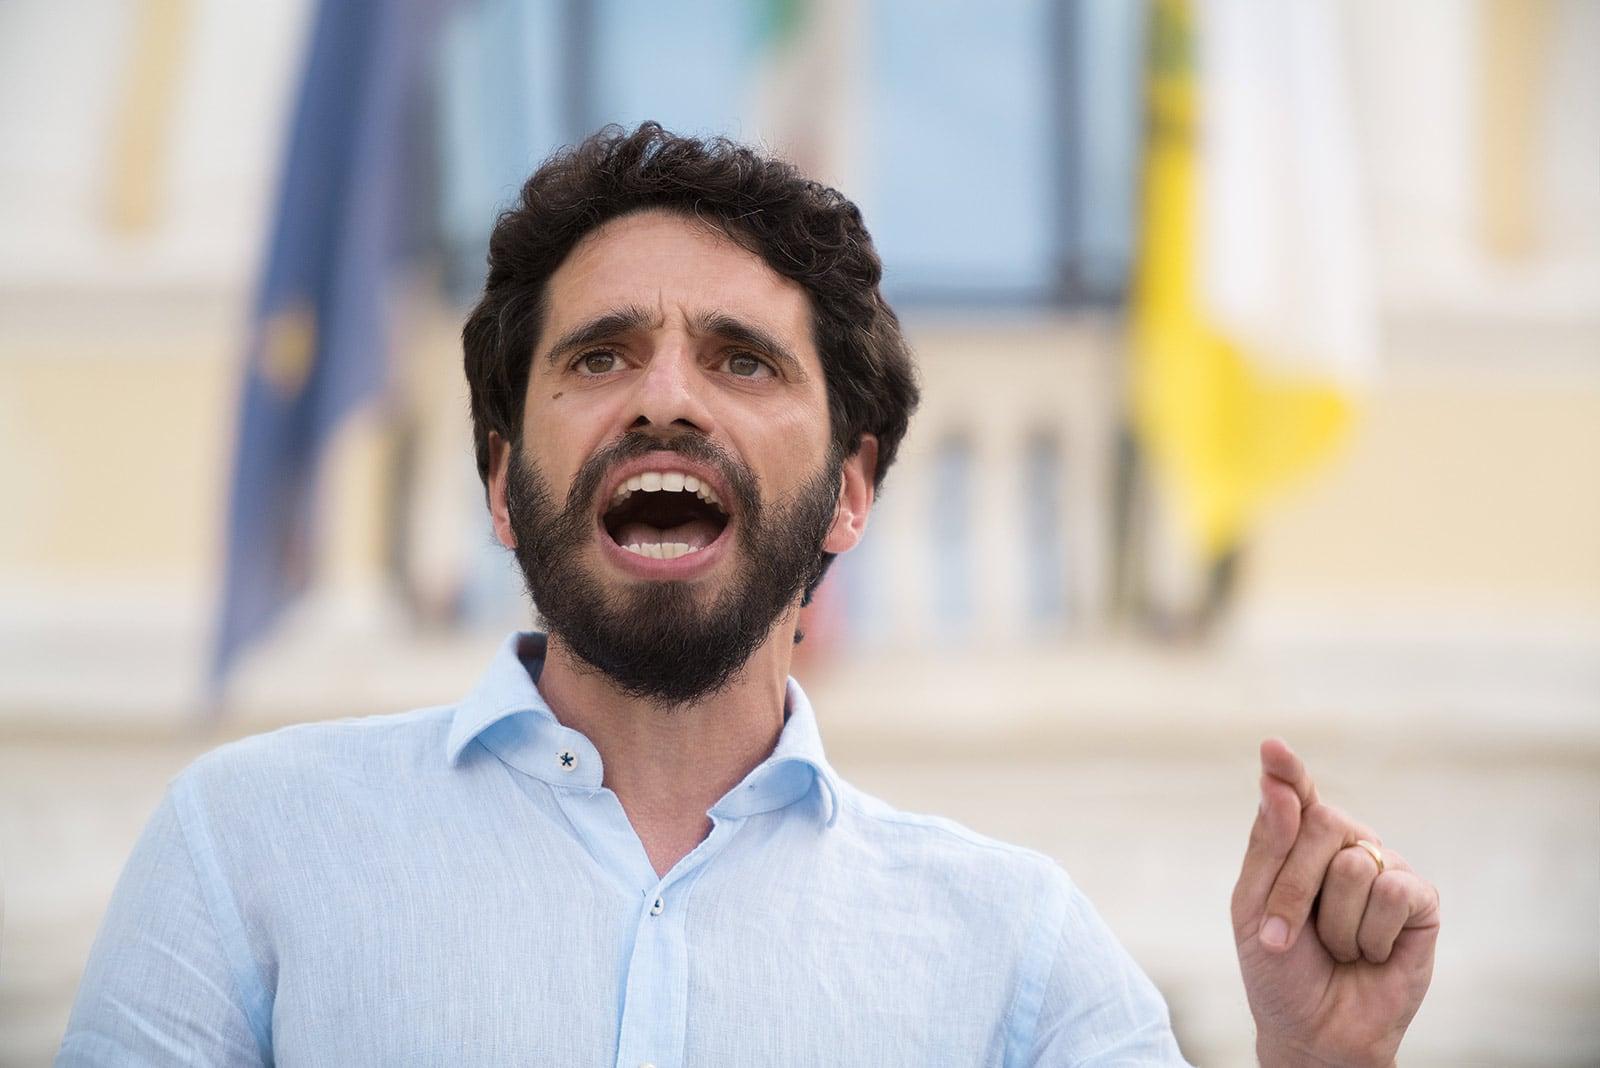 Fotografo Candidato a Sindaco Reggio Calabria